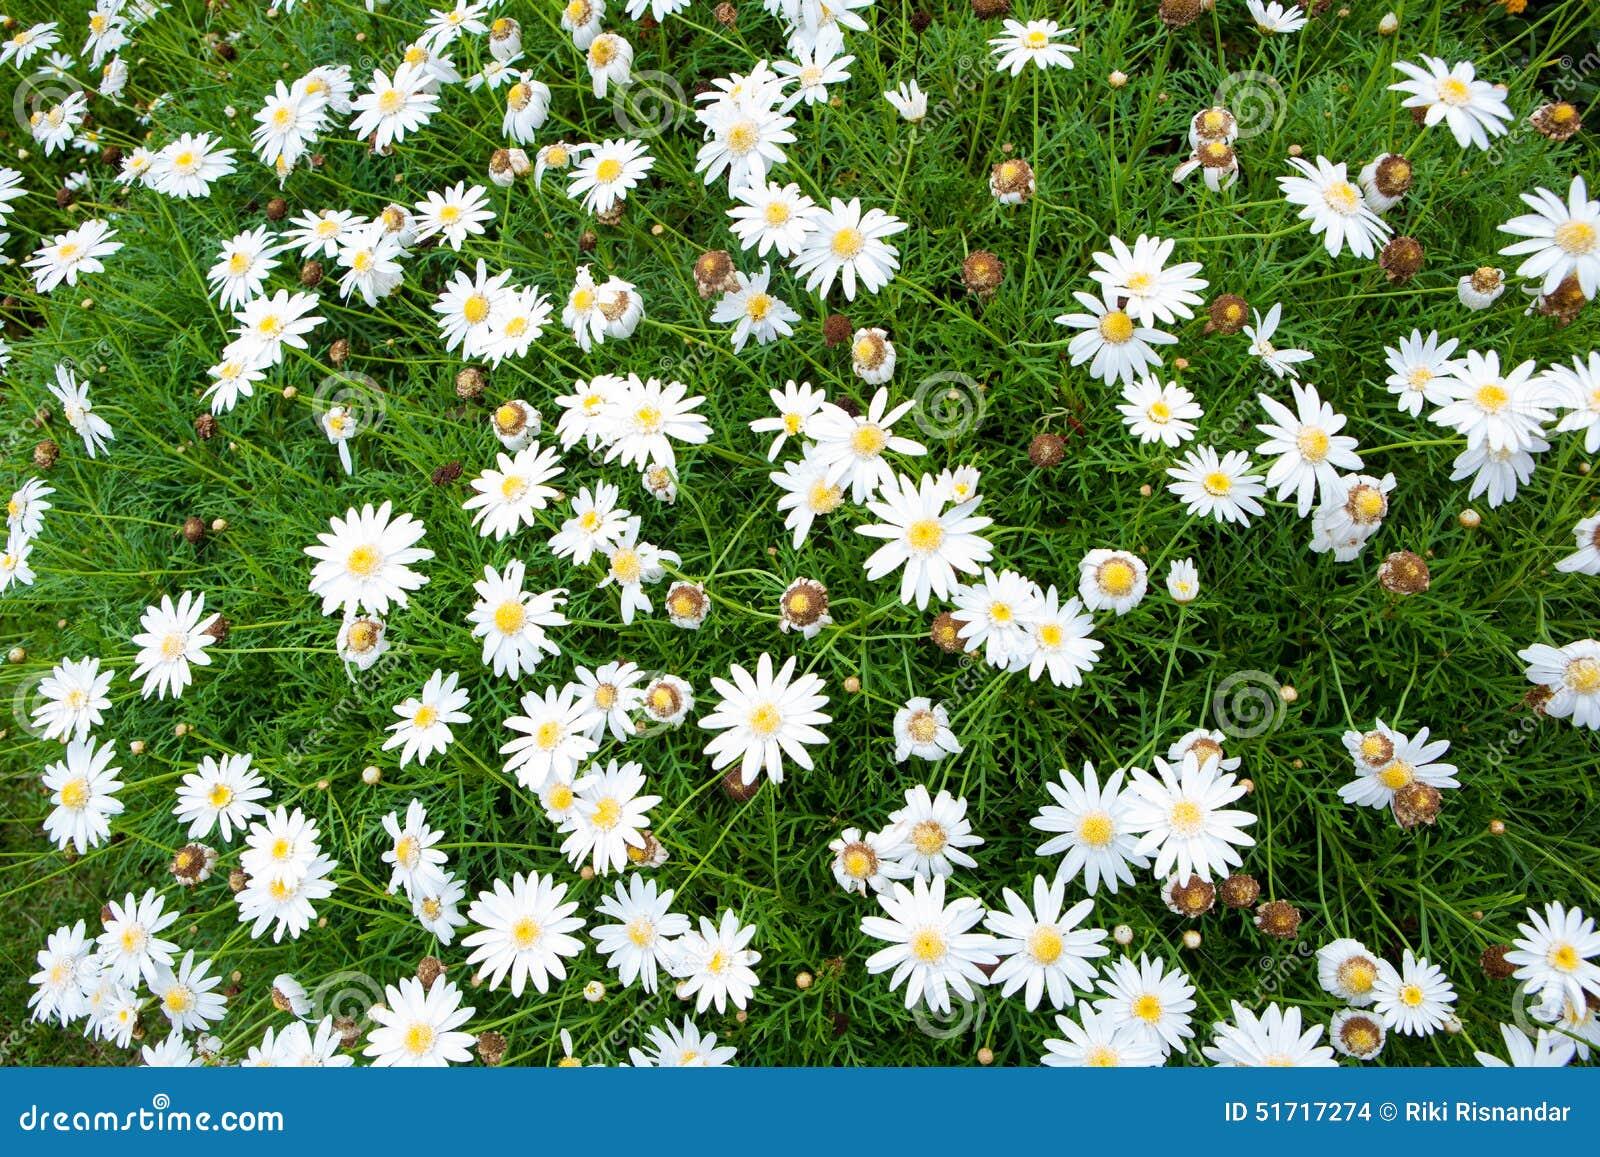 Piccoli fiori bianchi della natura per fondo fotografia for Fiori piccoli bianchi